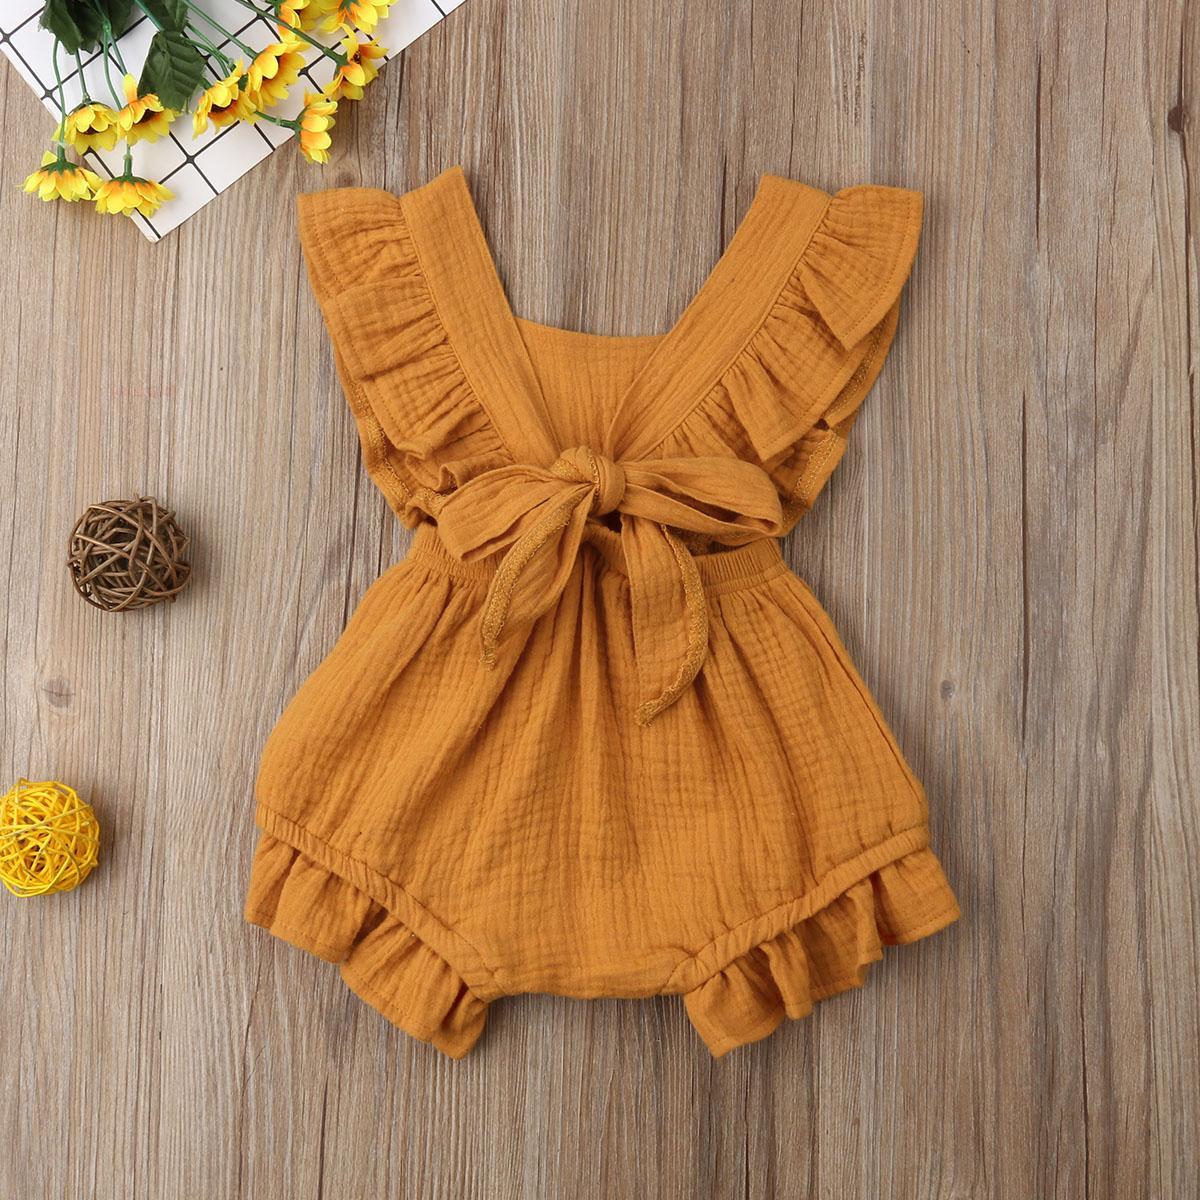 2019 estrenar del niño recién nacido bebés de la colmena de los mamelucos del Uno-Pedazos ropa del verano del bebé sin mangas del mameluco del mono sunsuit